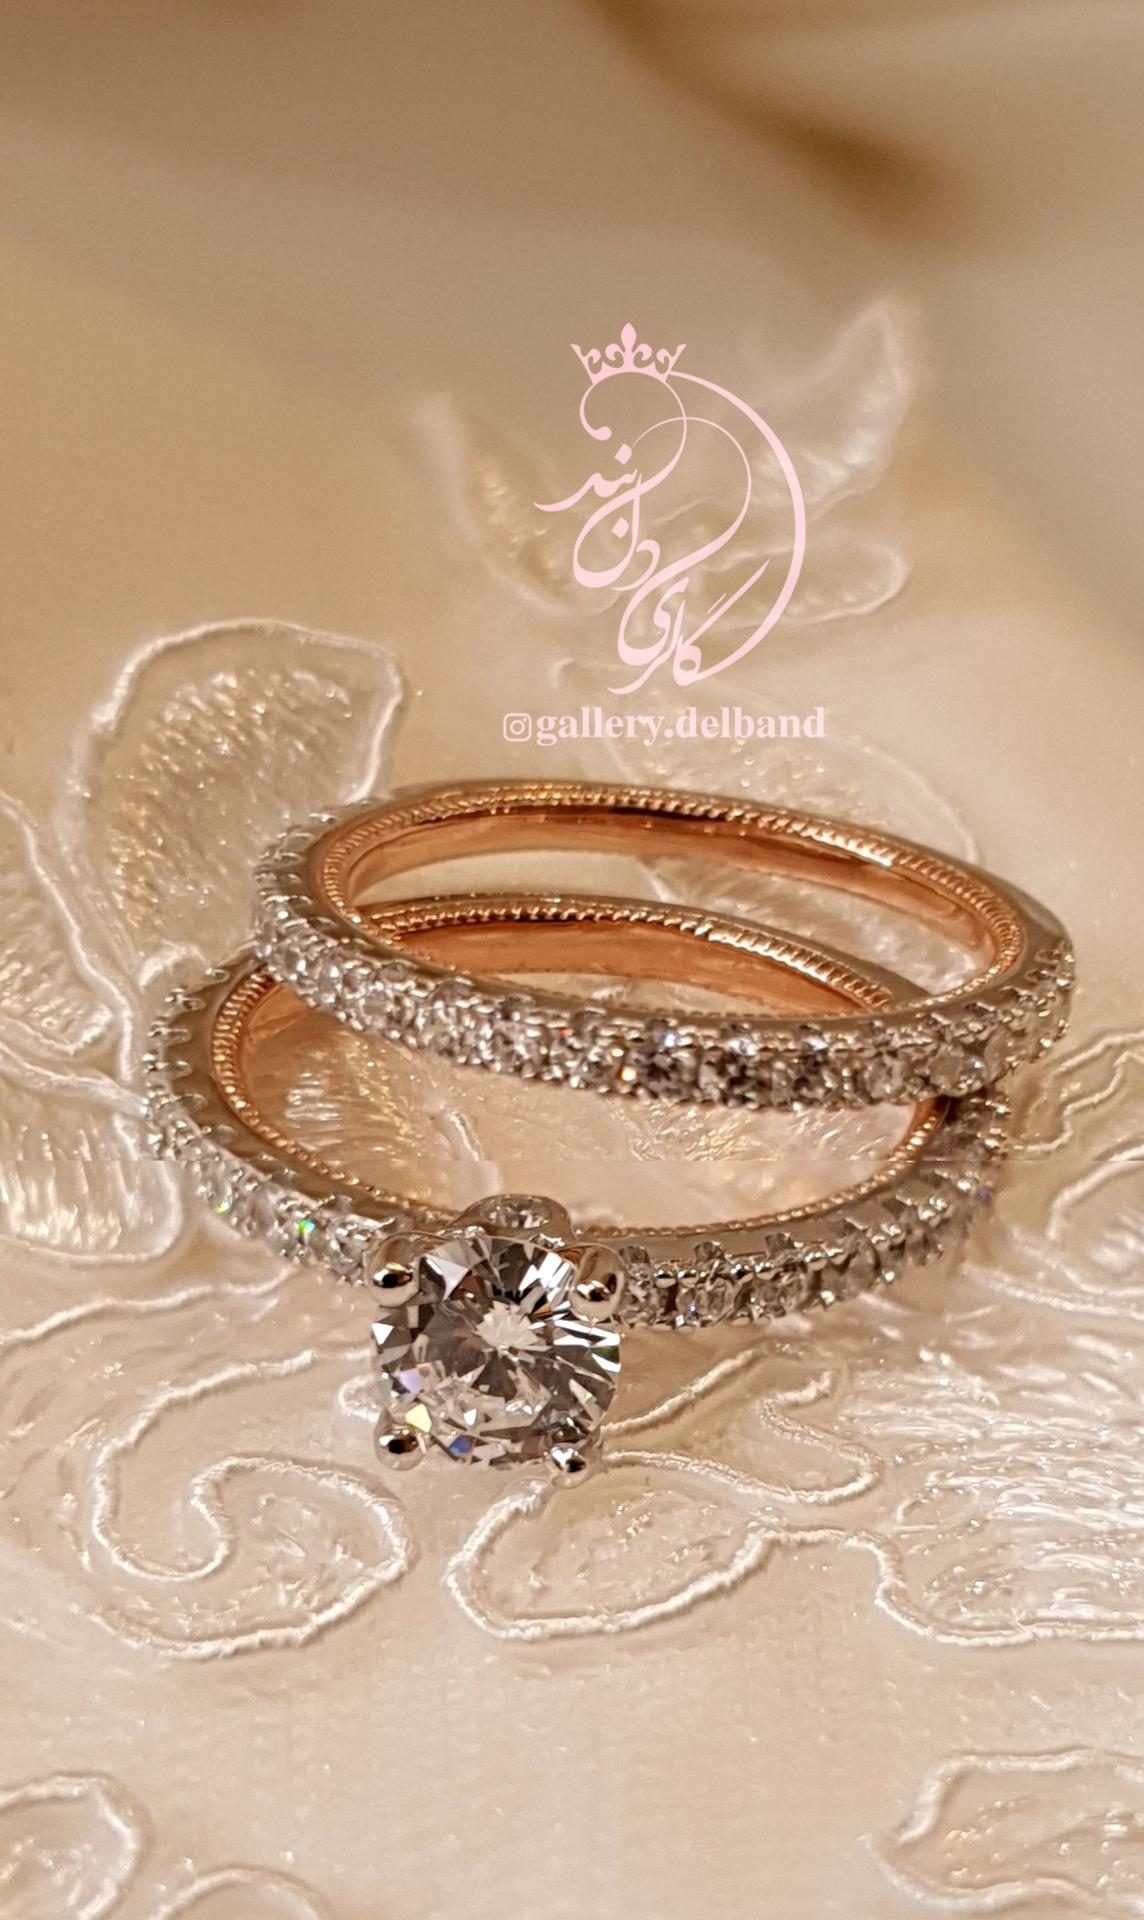 💍حلقه و پشت حلقه جواهری ظریف و زیبا نقره عیار ۹۲۵ با روکش طلا سفید و داخل رکاب رزگلد